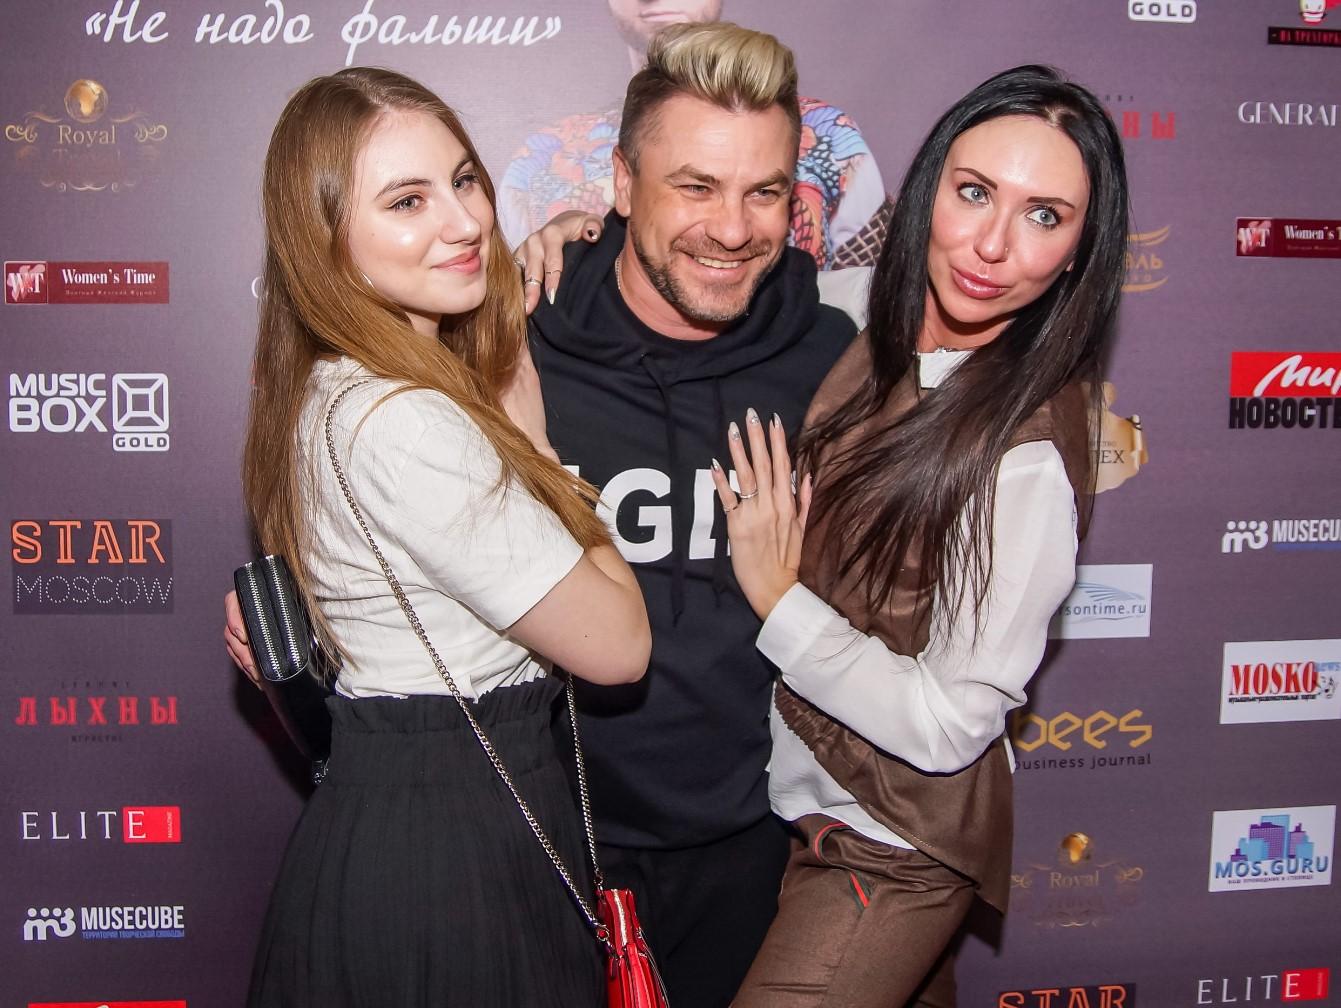 pavel-sokolov-vladimir-brilyov-prezentoval-klip-ne-nado-falshi — копия